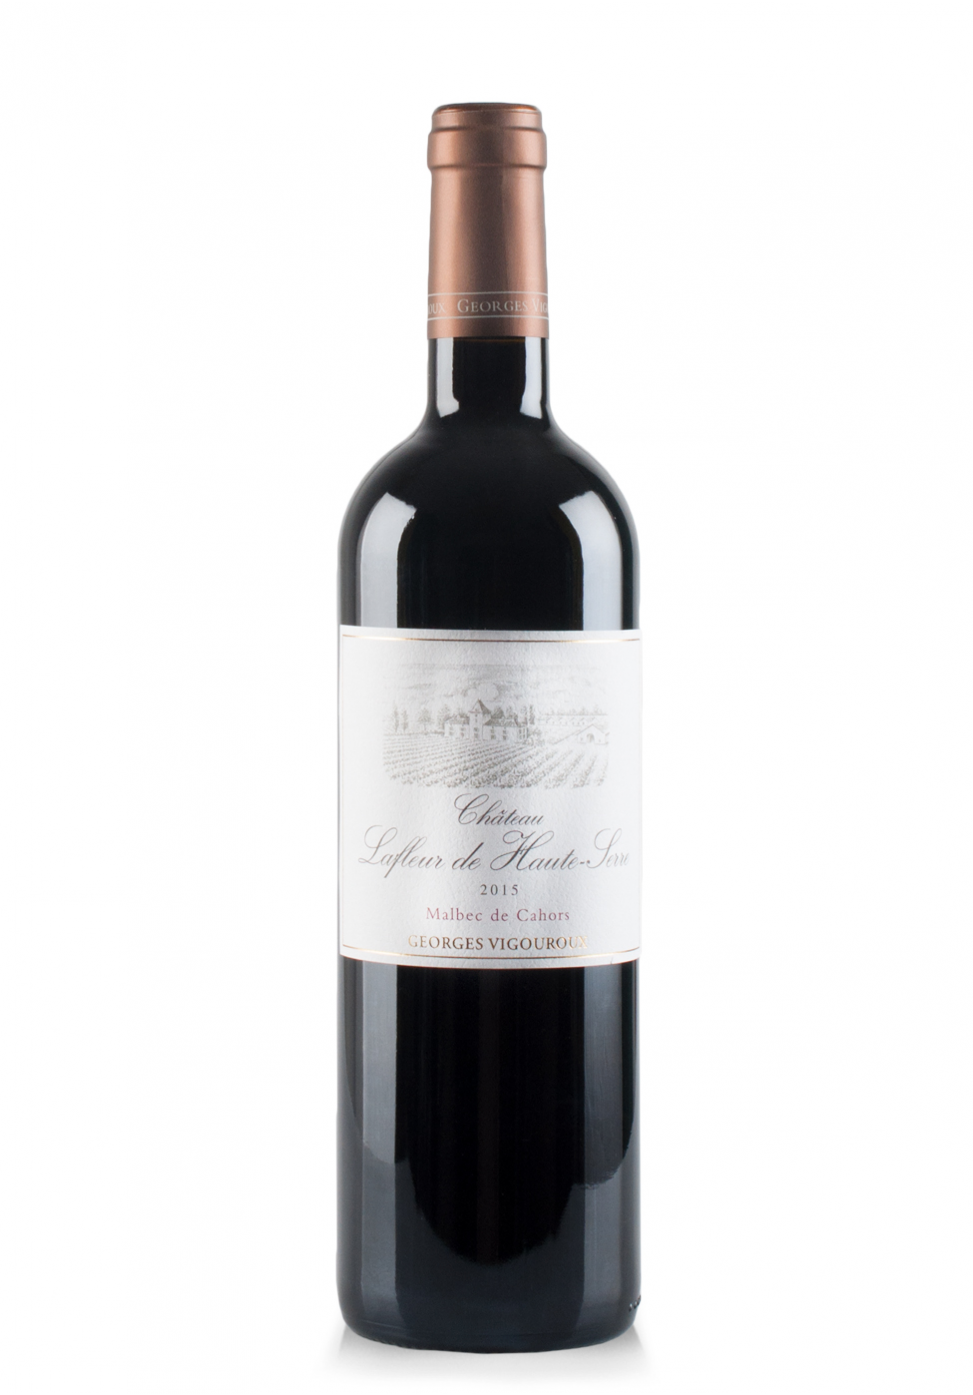 Vin Chateau Lafleur de Haute-Serre, A.O.C. Cahors 2015 (0.75L)